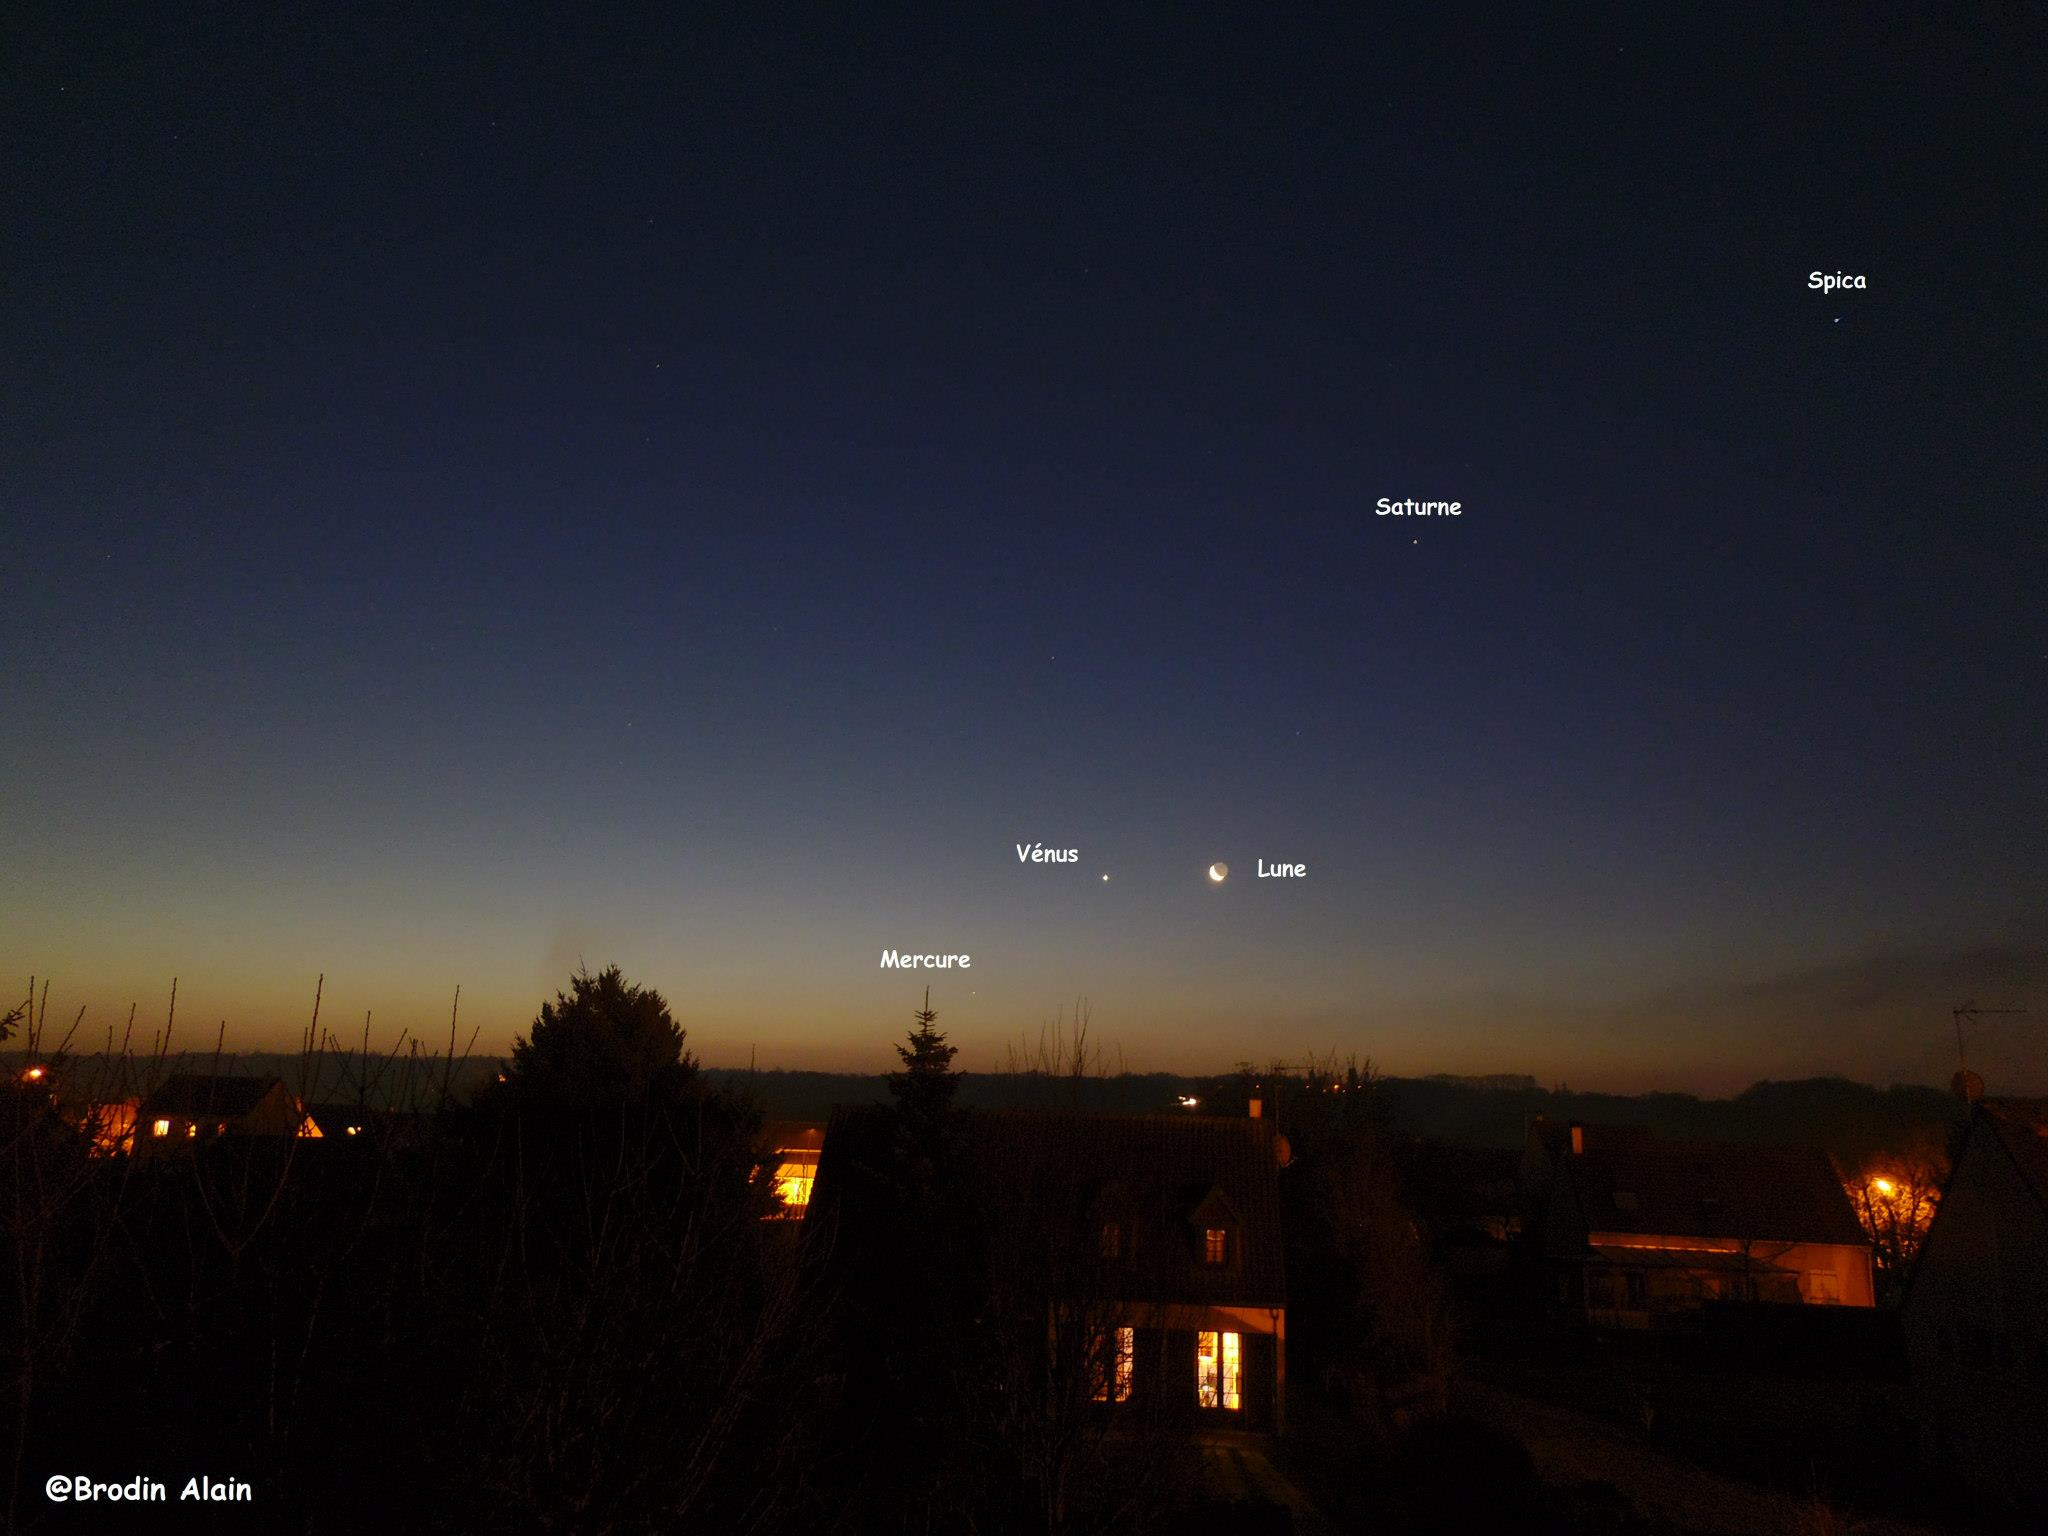 Ce Matin du 11 12 2012 vers 7h15 plus complete avec Mercure , Vénus , la Lune , Saturne et Spica !!!